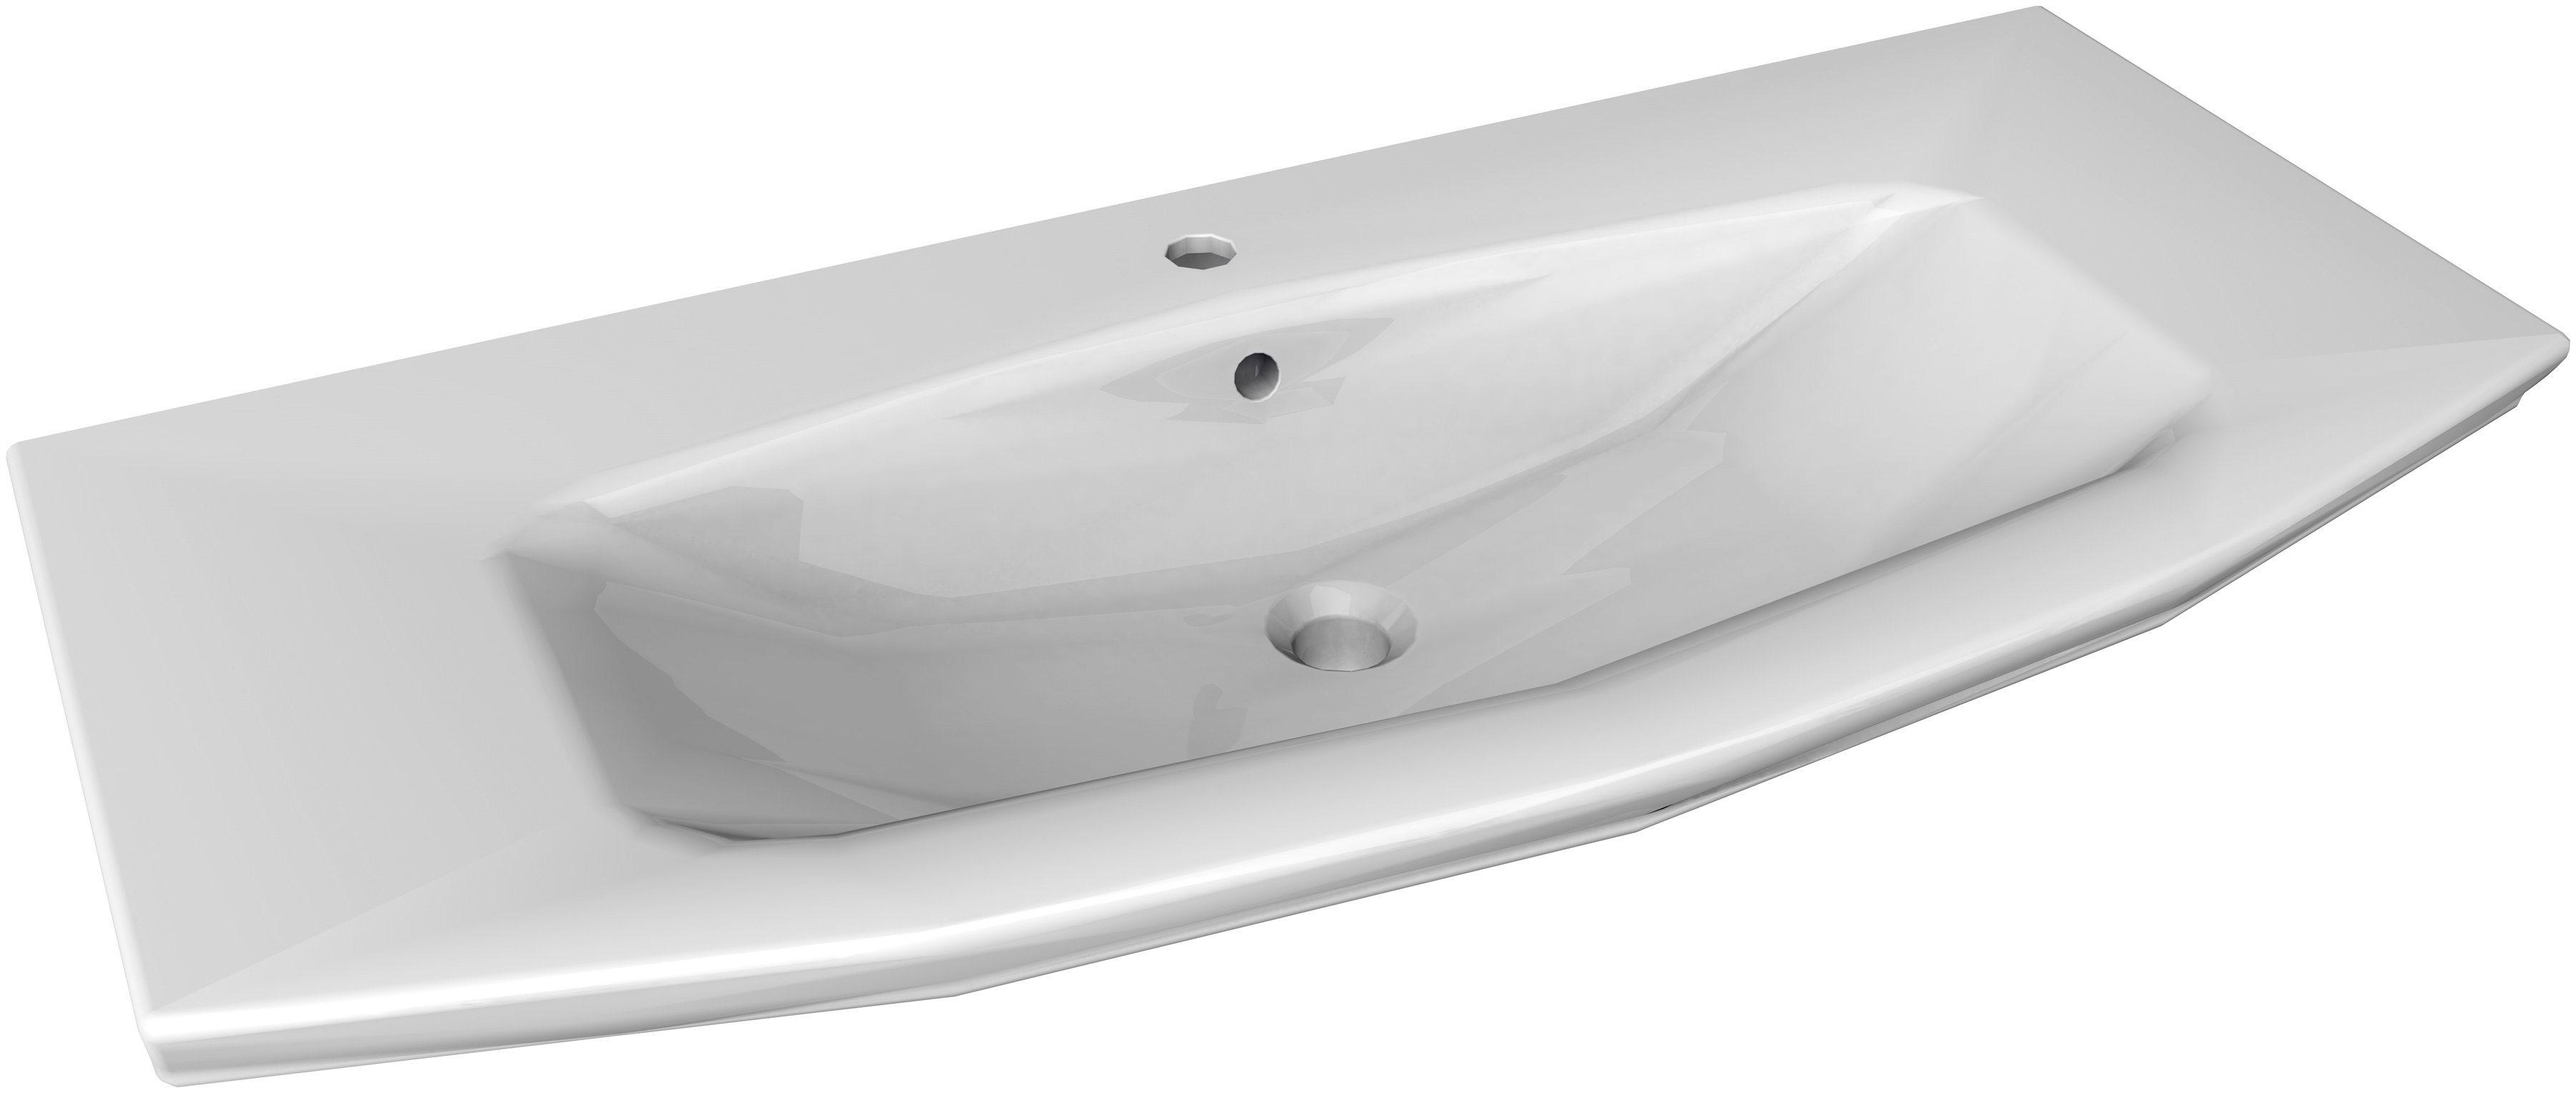 FACKELMANN Waschbecken »Lino«, Breite 110 cm, Keramik   Bad > Waschbecken   FACKELMANN